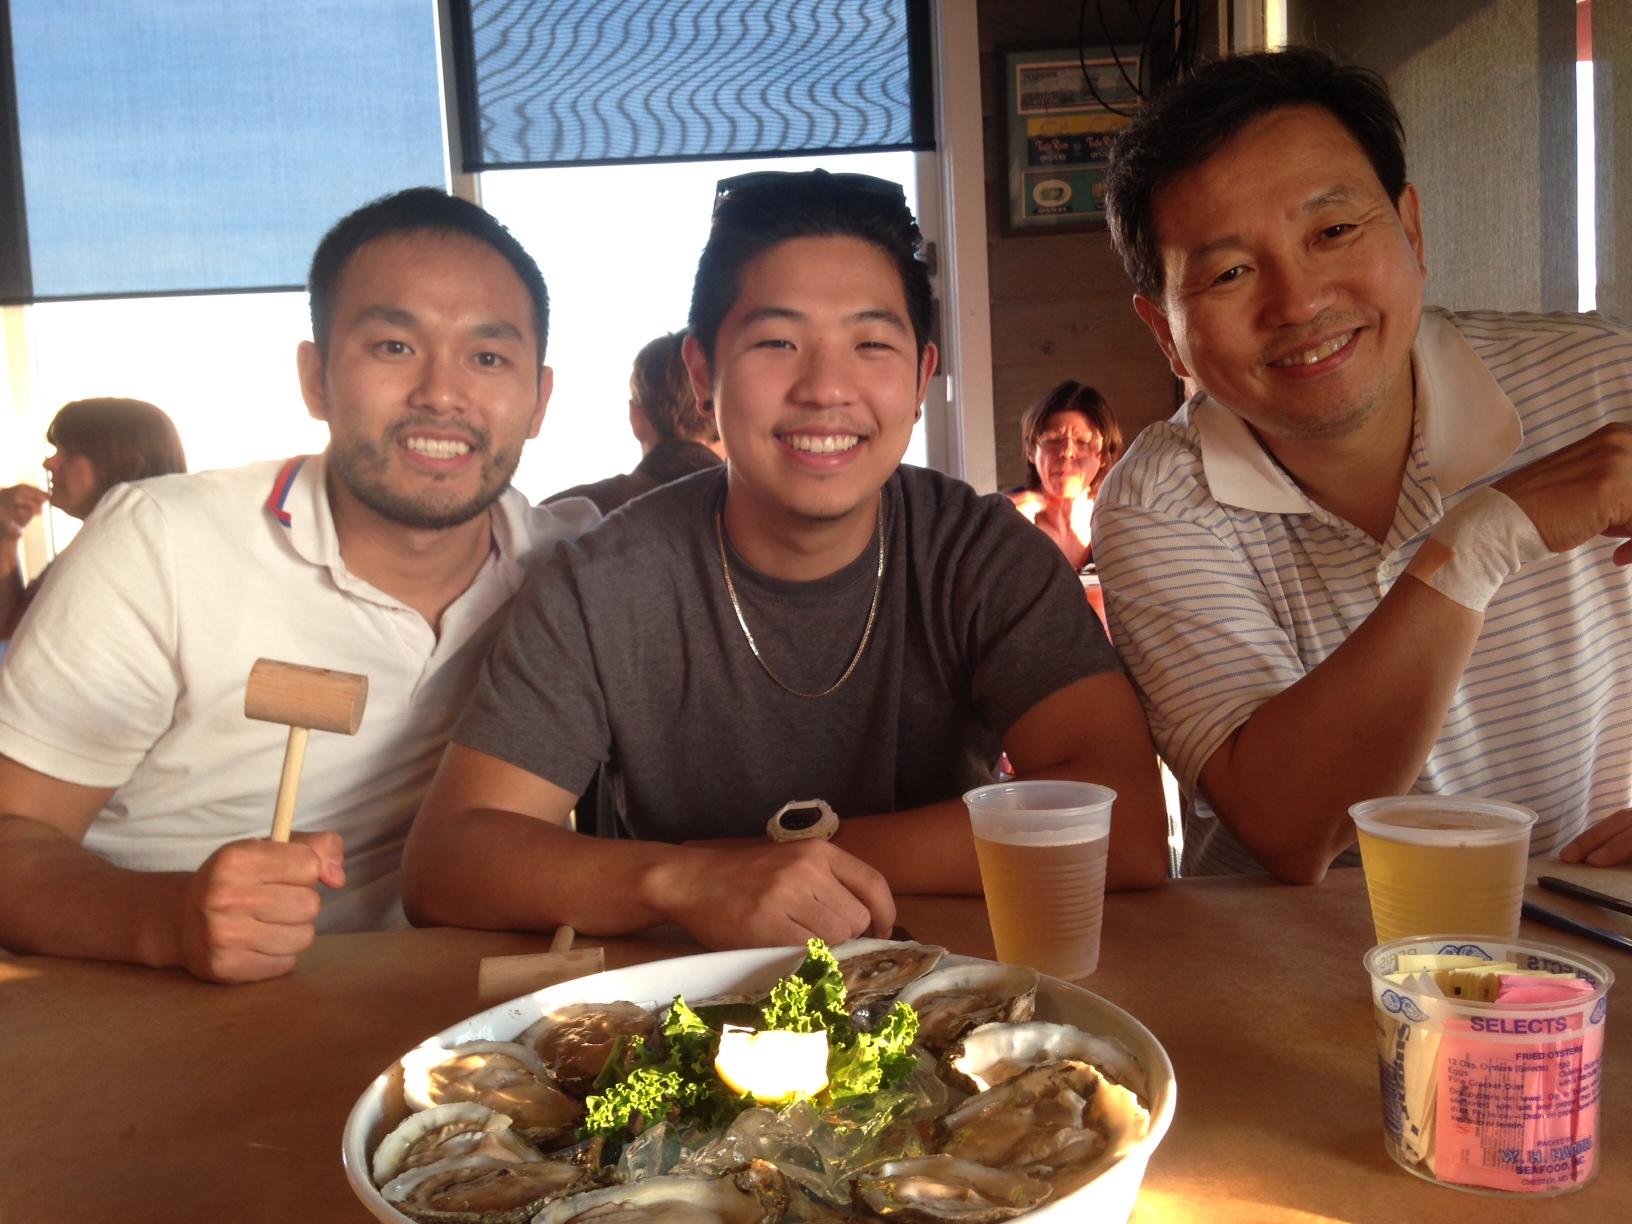 My three favorite guys